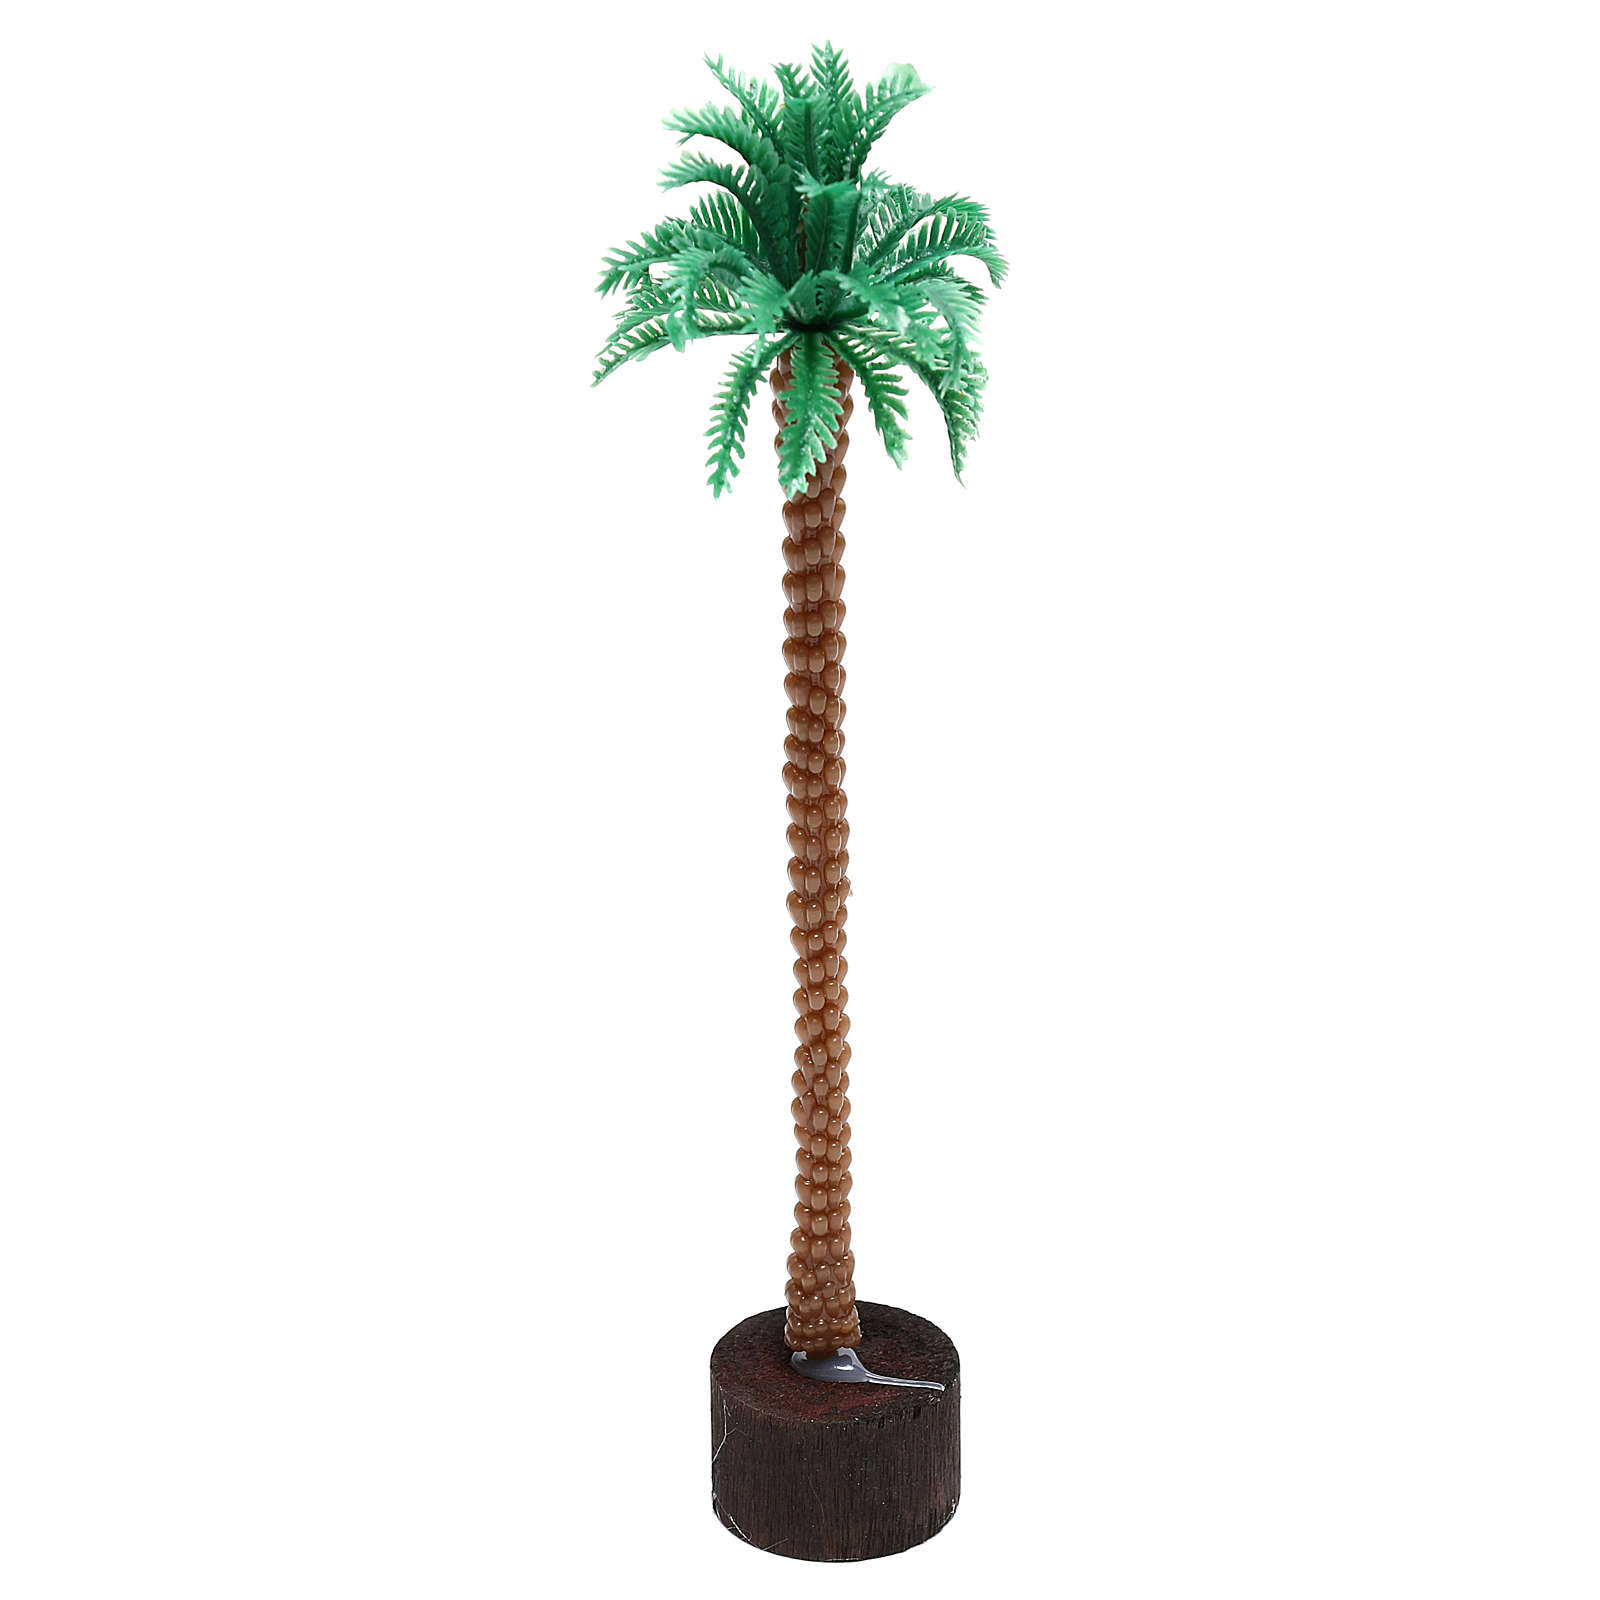 Palmier 14 cm à emboîter pour crèche 4